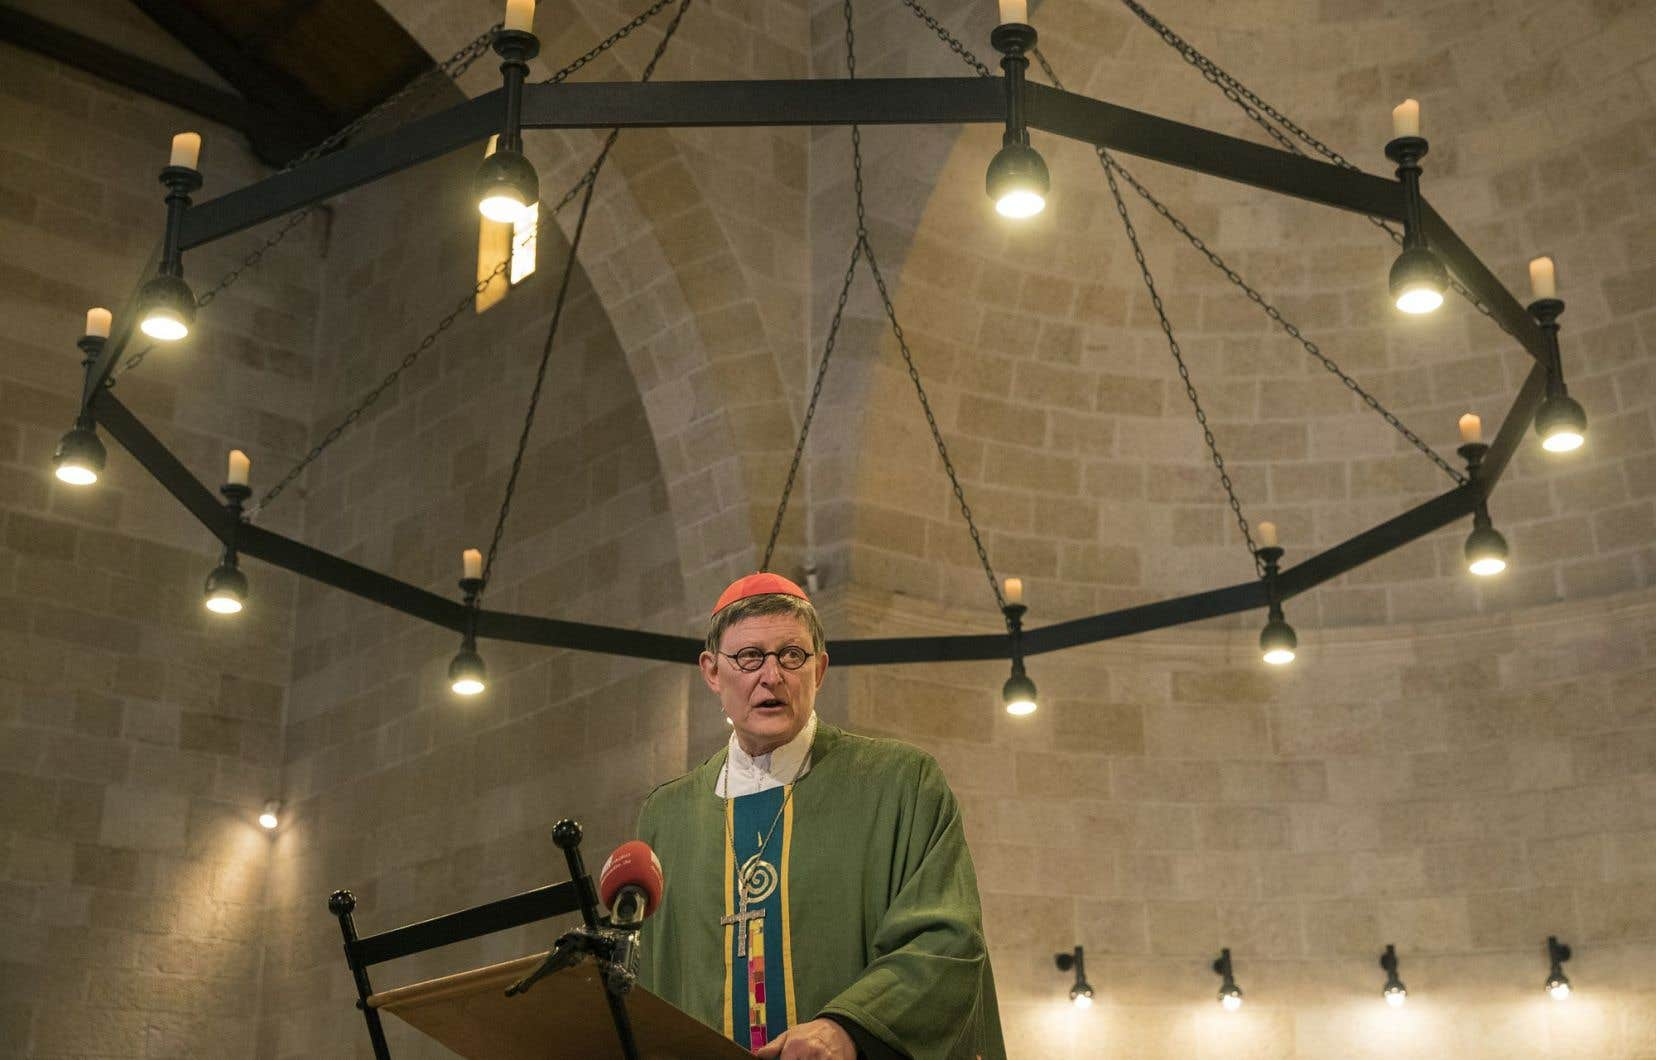 L'atrium de l'église a rouvert après une messe en présence du cardinal de Cologne, Rainer Woelki.